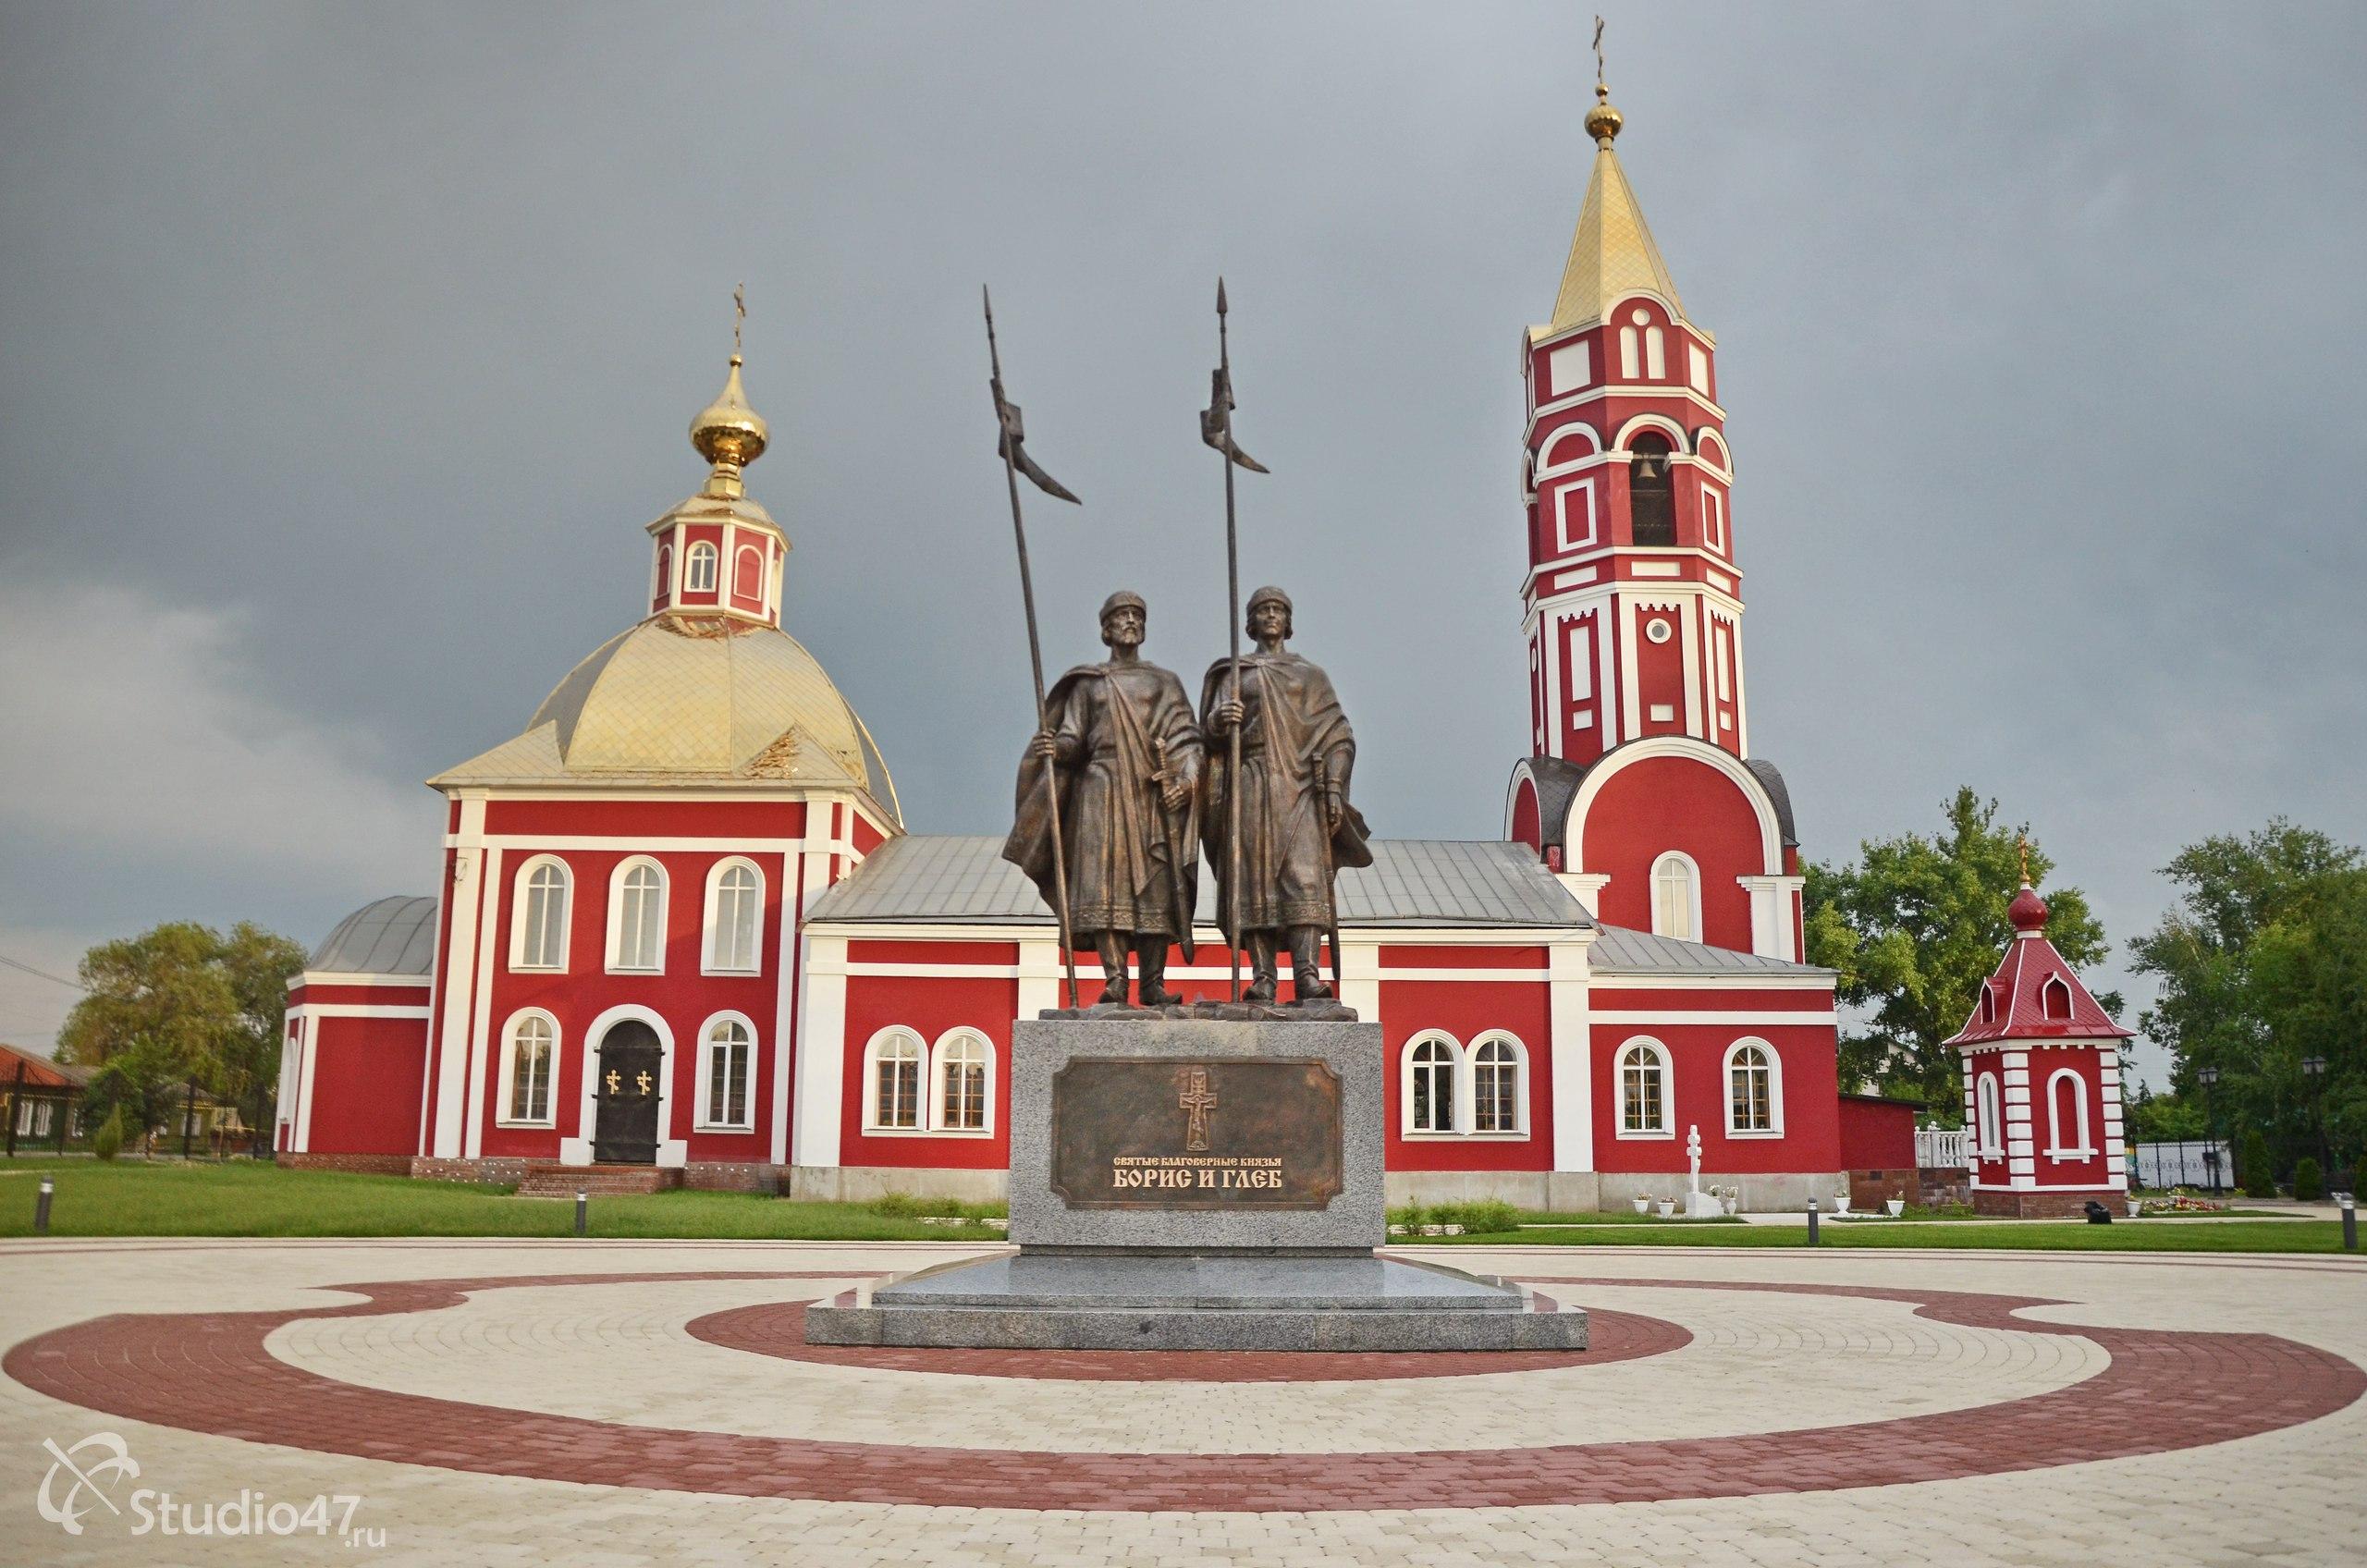 Памятник Борису и Глебу в Борисоглебске